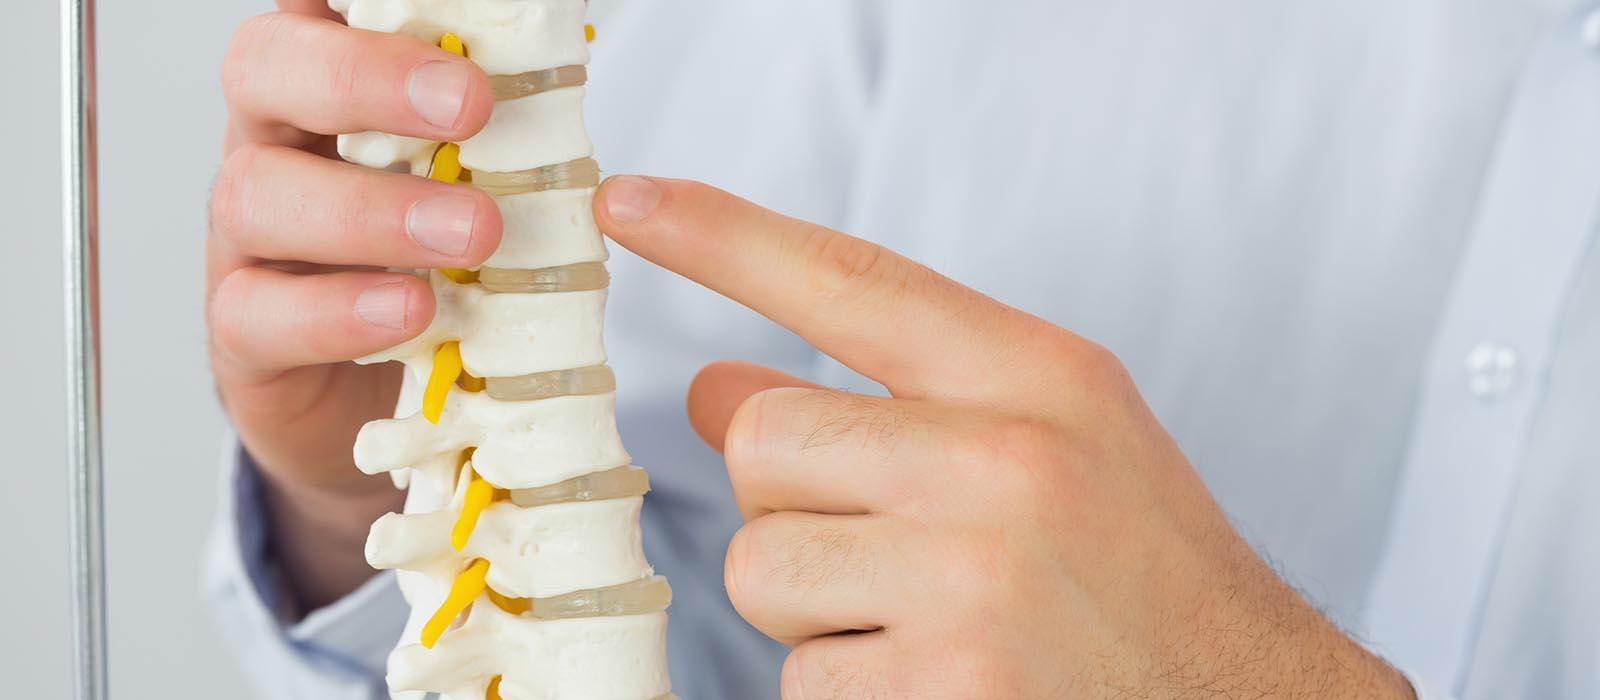 Alleviate pain